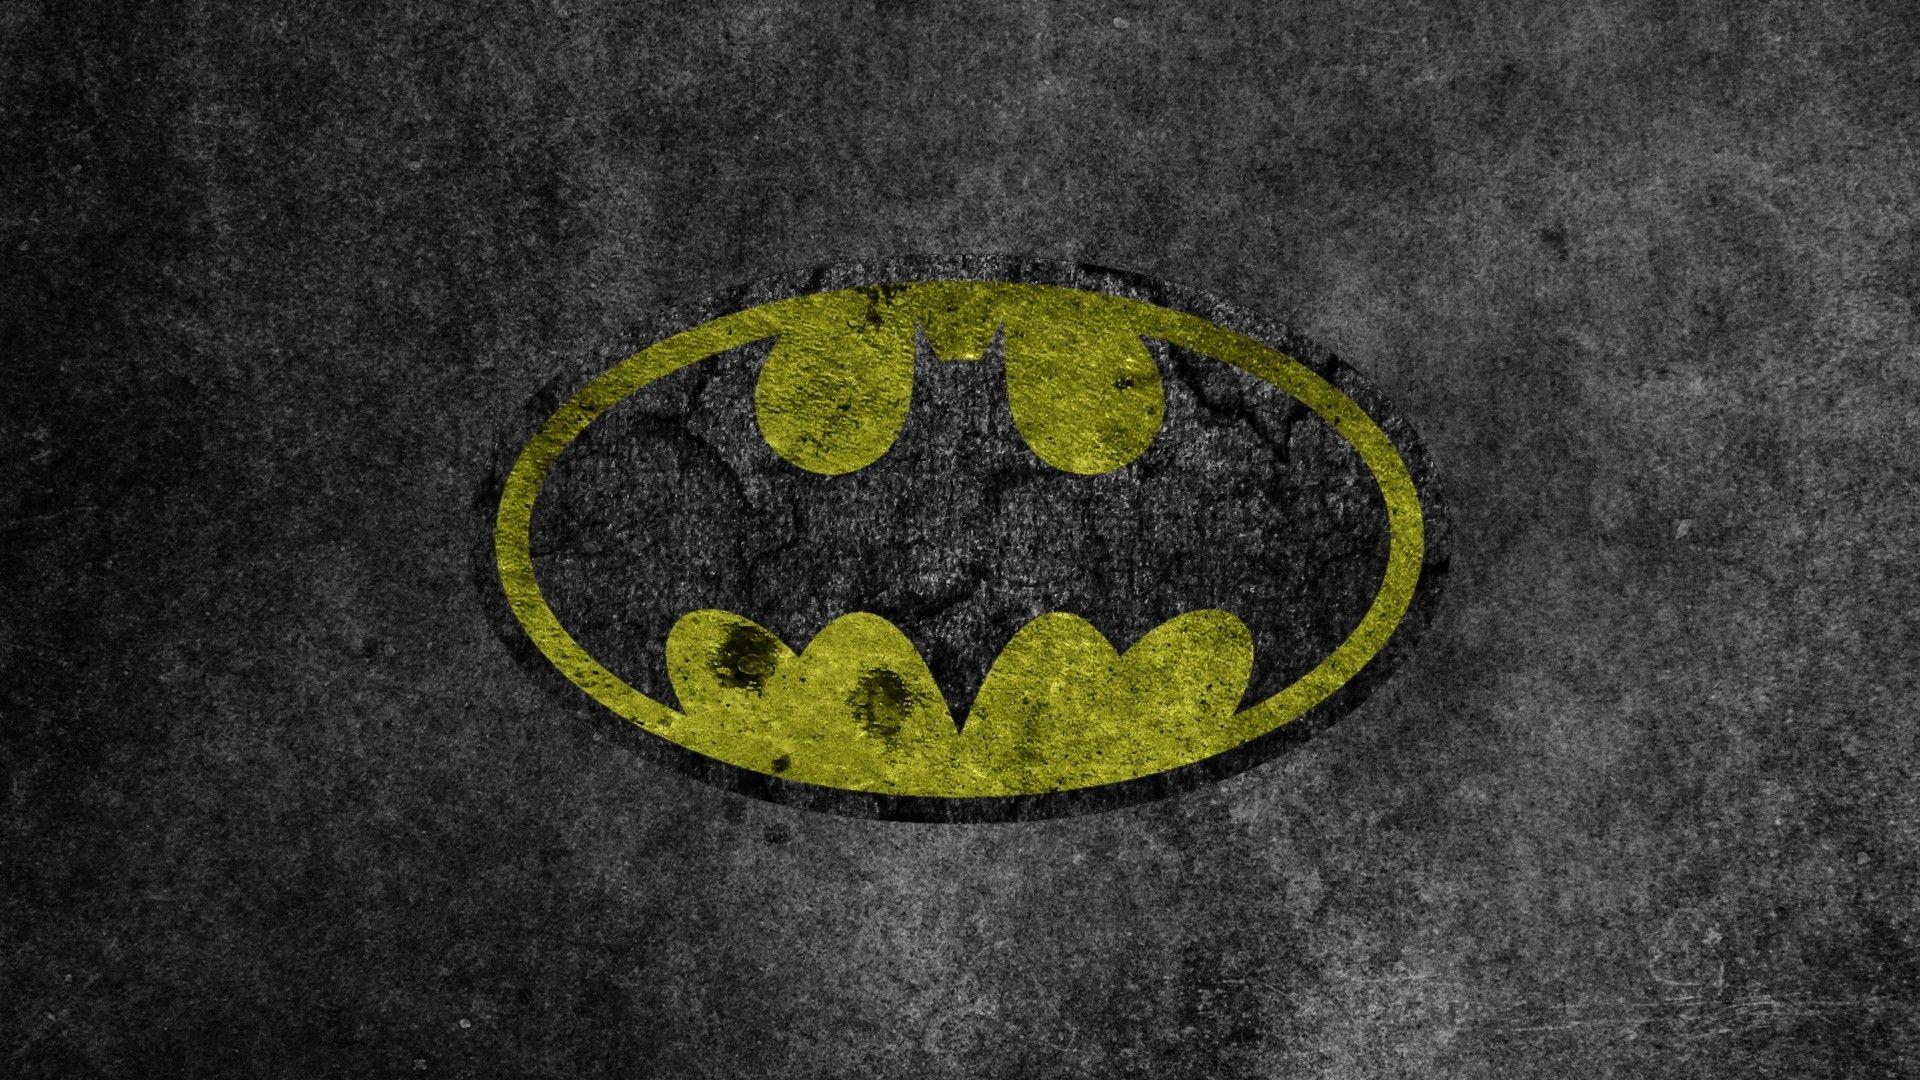 Logo logo wallpaper collection batman logo wallpaper collection logo logo wallpaper collection batman logo wallpaper collection voltagebd Gallery